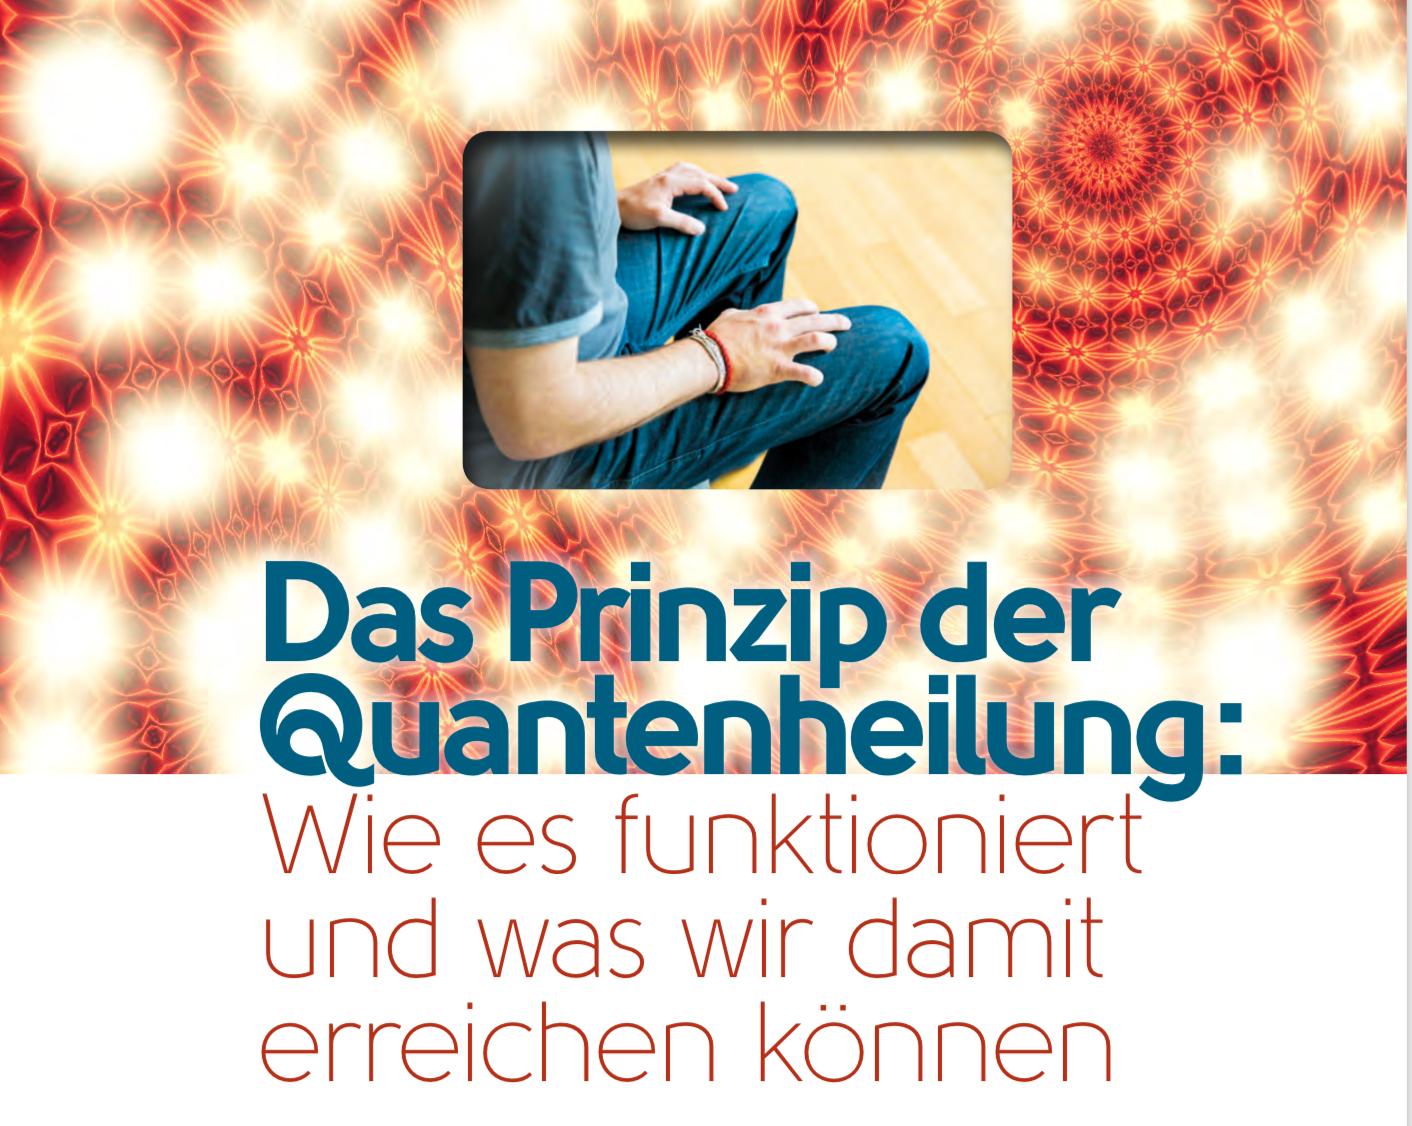 Das Prinzip der Quantenheilung